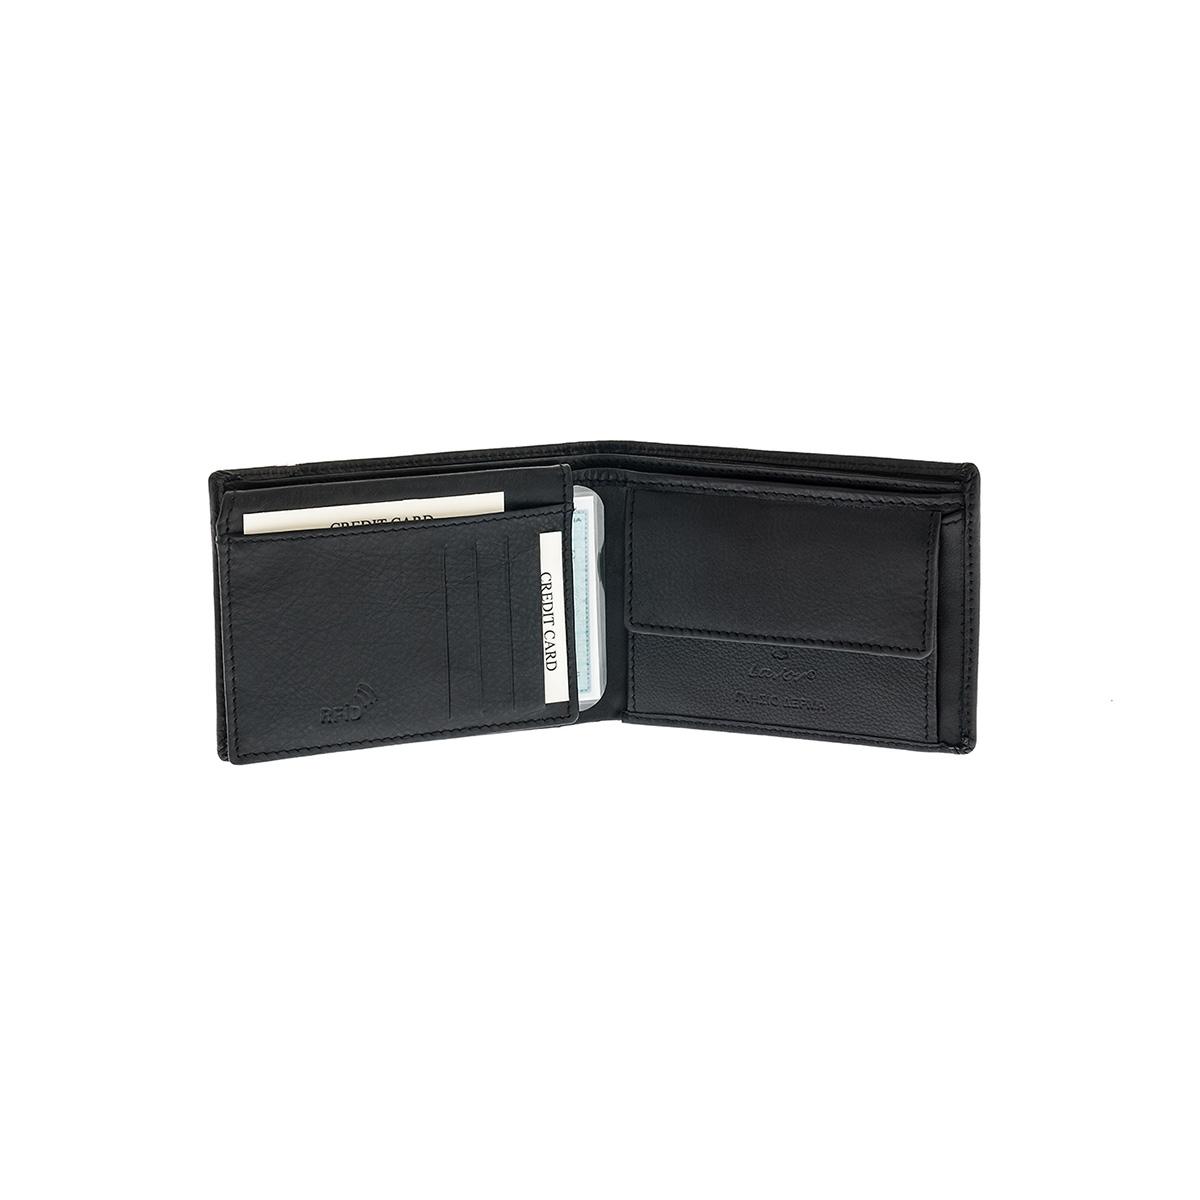 06ddcf1330 Δερμάτινο Πορτοφόλι Μεγάλο Με Φερμουάρ Χαρτονομισμάτων Lavor RFID 7106 Μαύρο